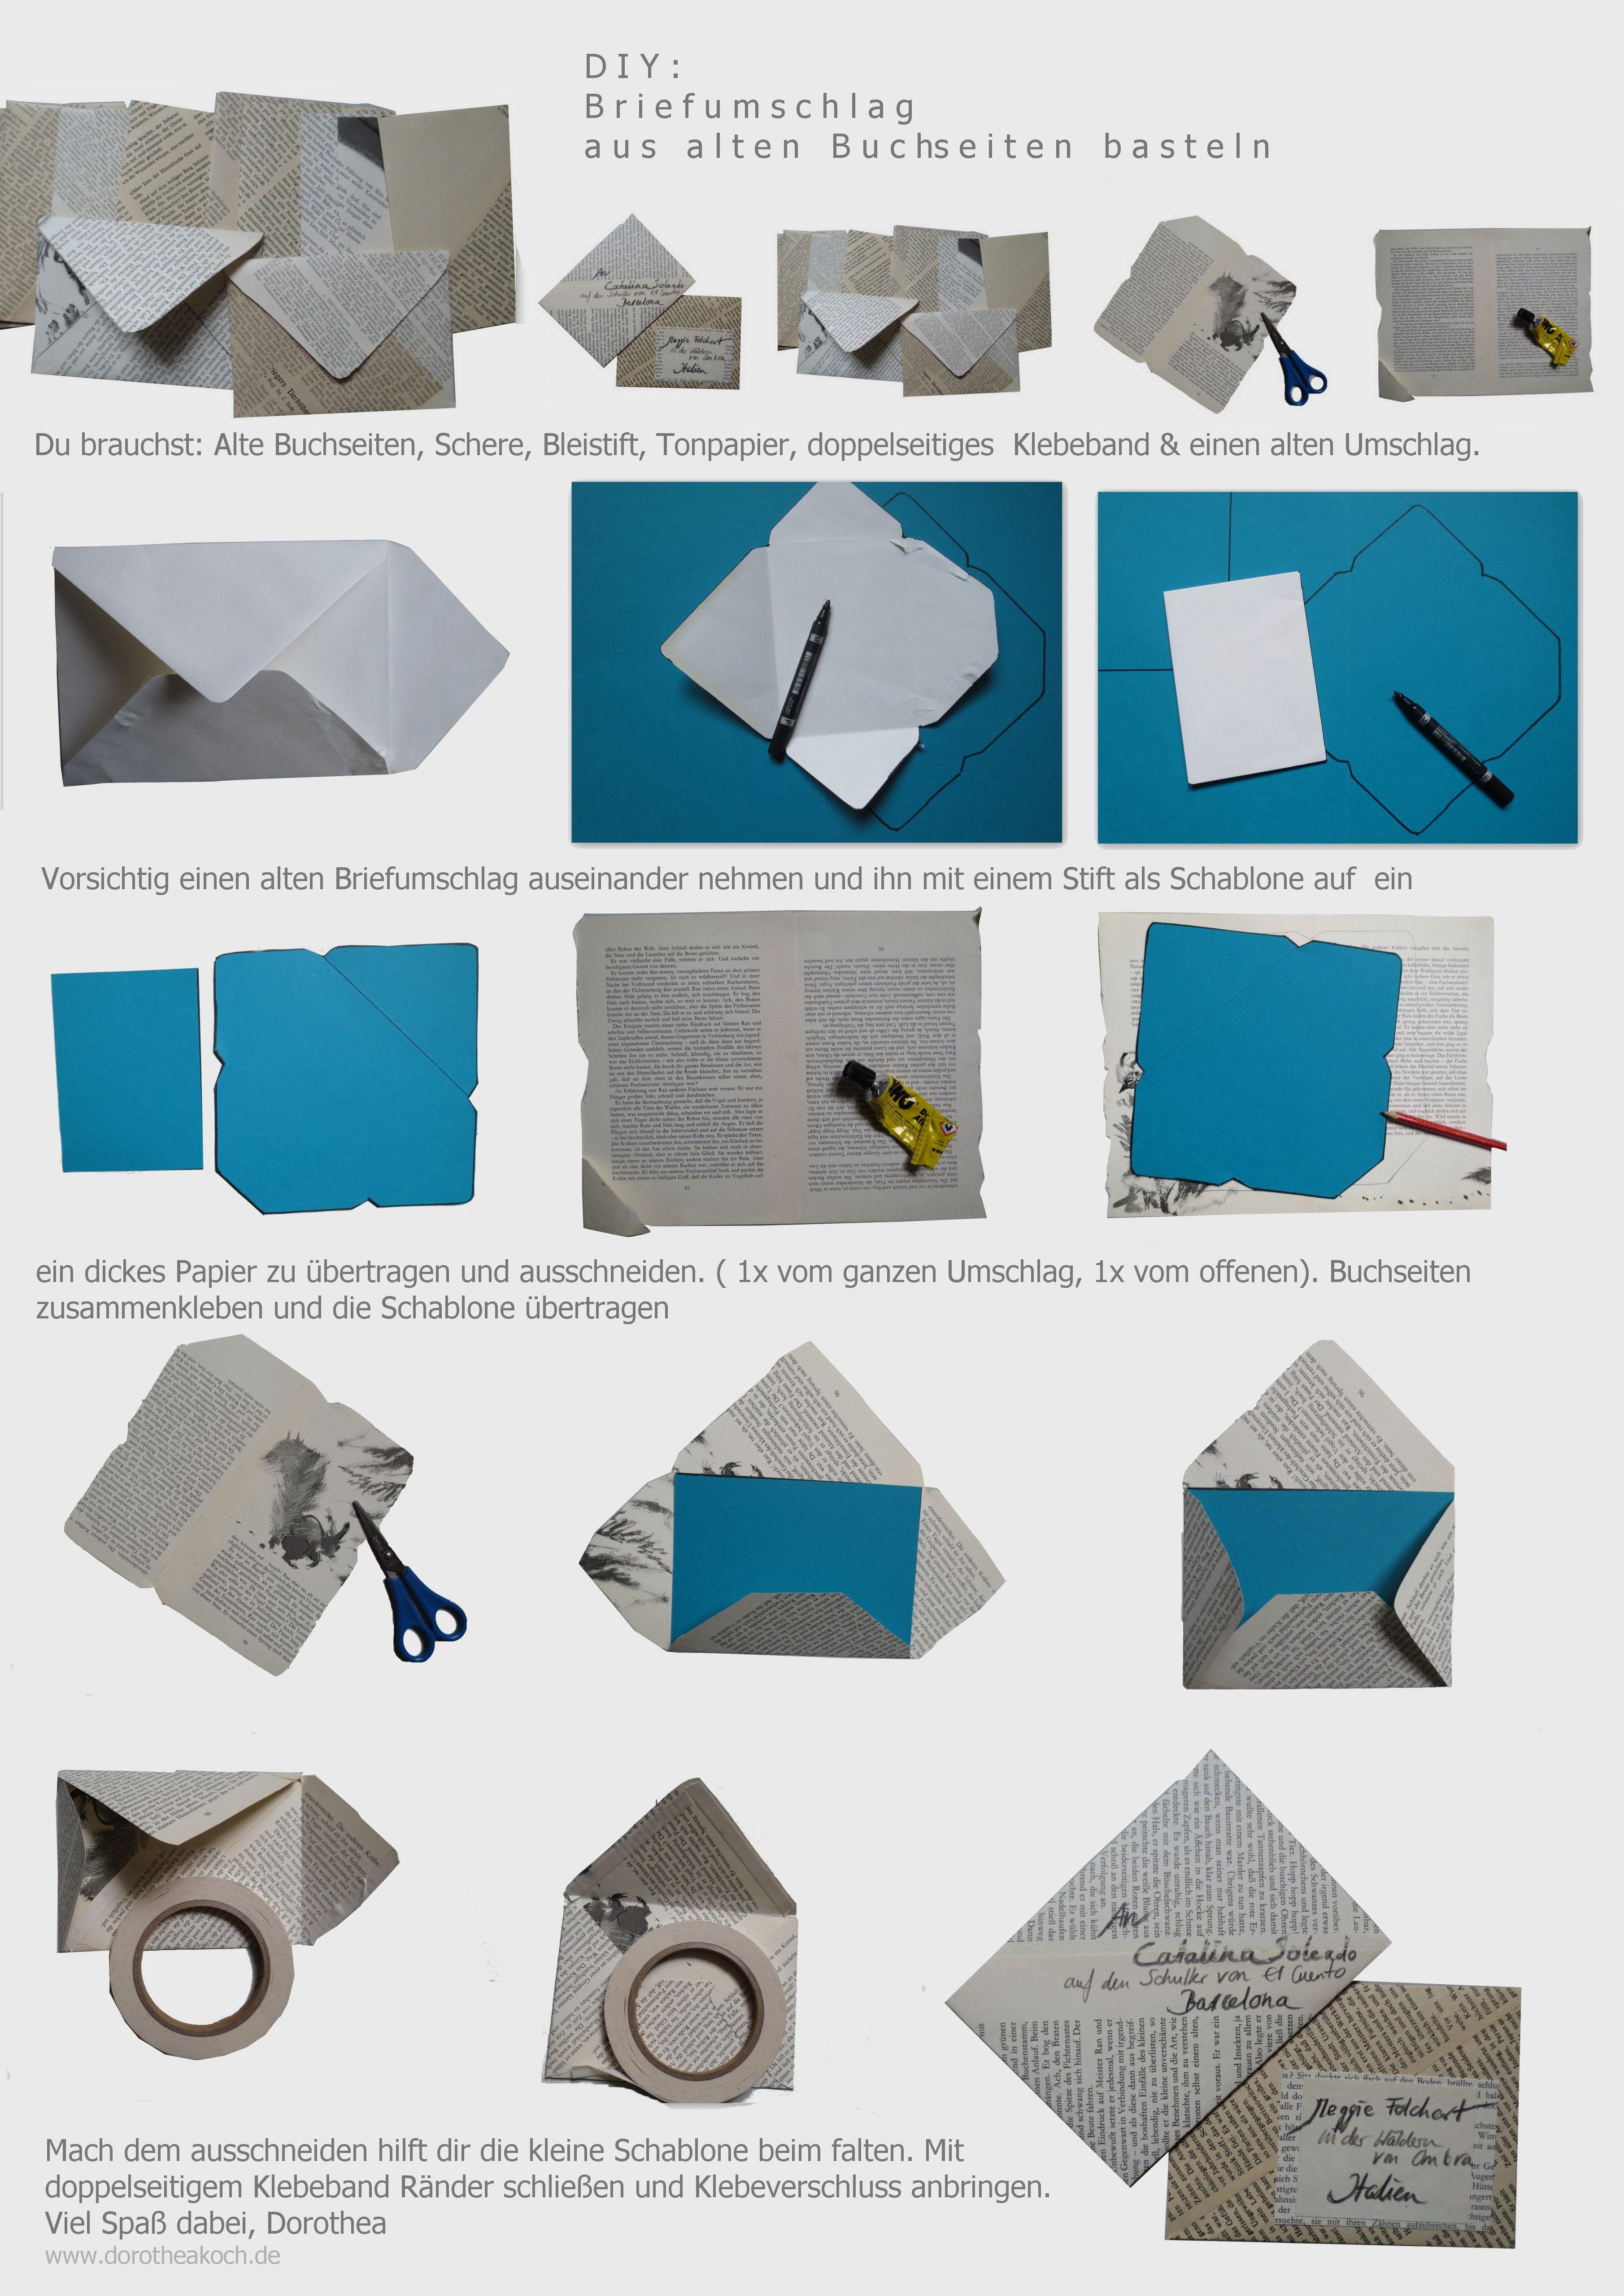 Umschlag Aus Din A4 Falten Zustellungsurkunde Wikipedia